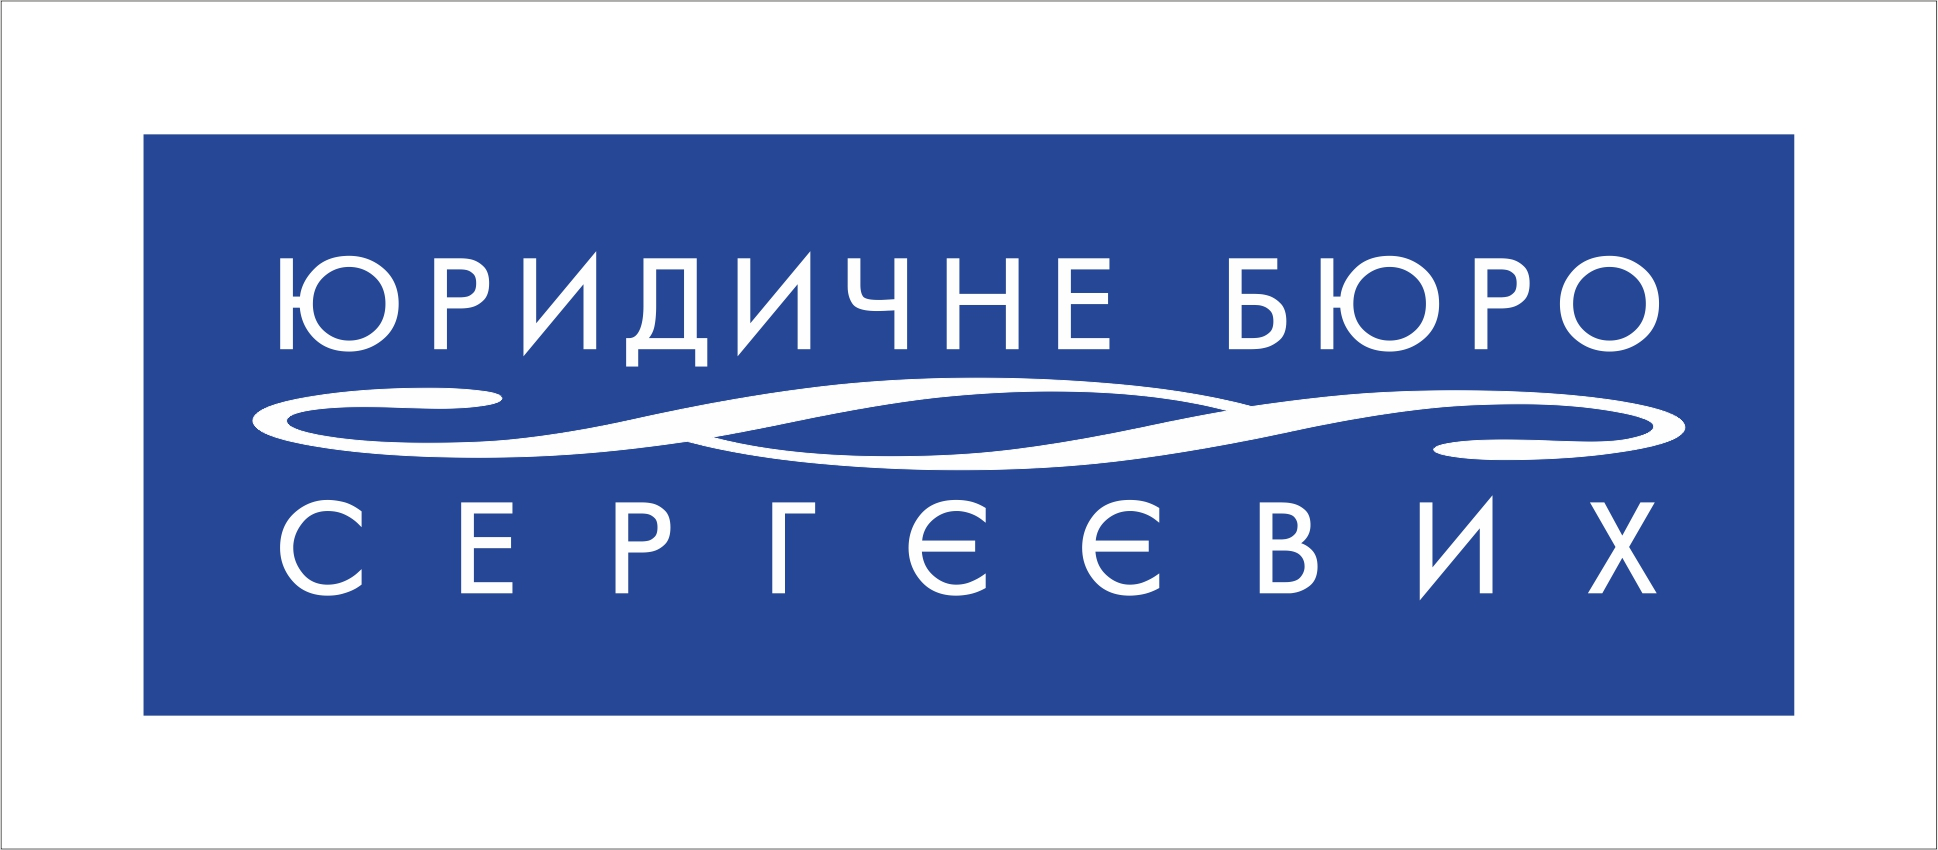 Юридическое бюро Сергеевых, морской юрист